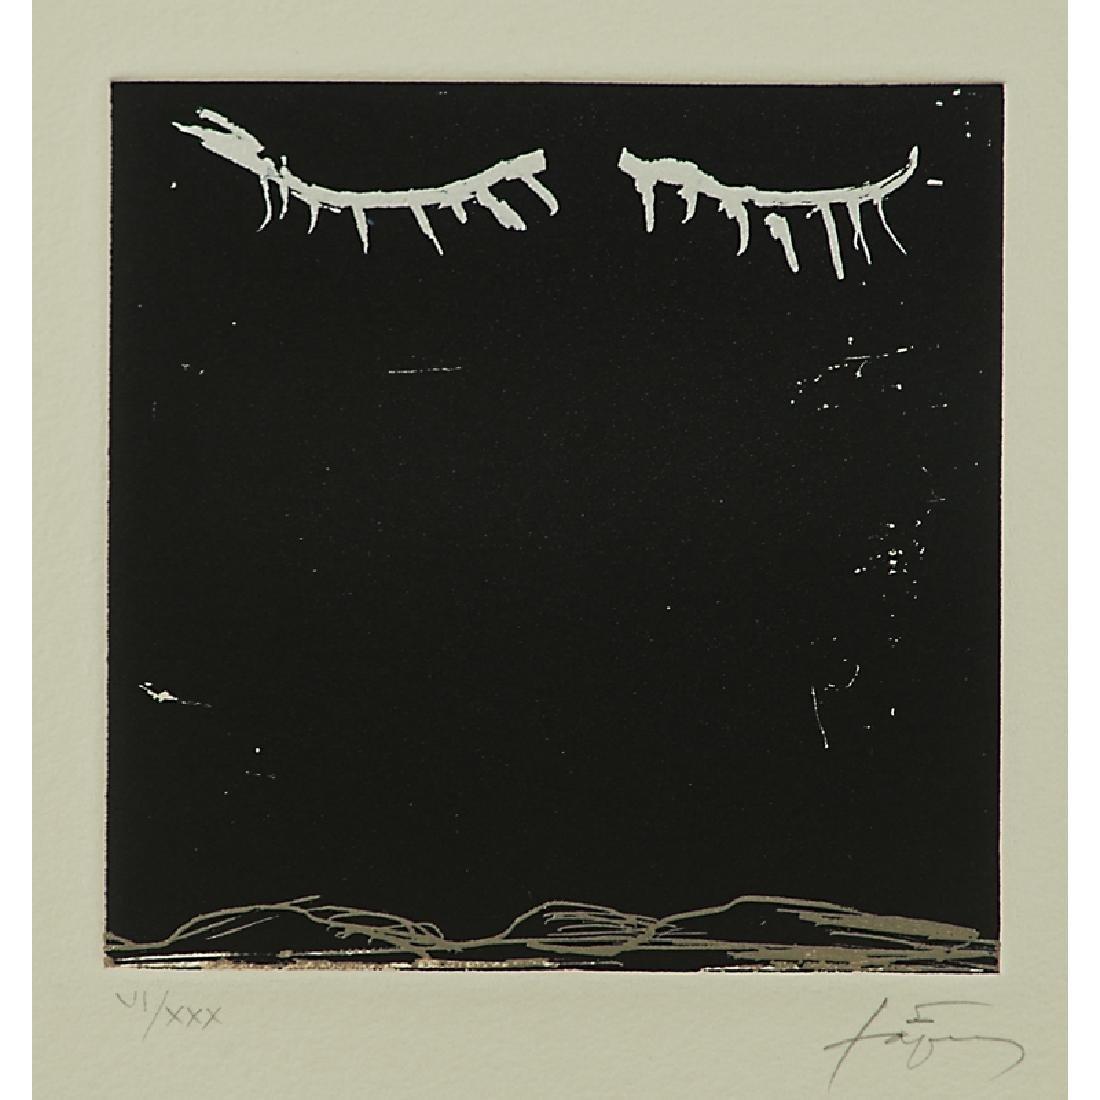 Antoni Tàpies (Spanish, 1923-2012)